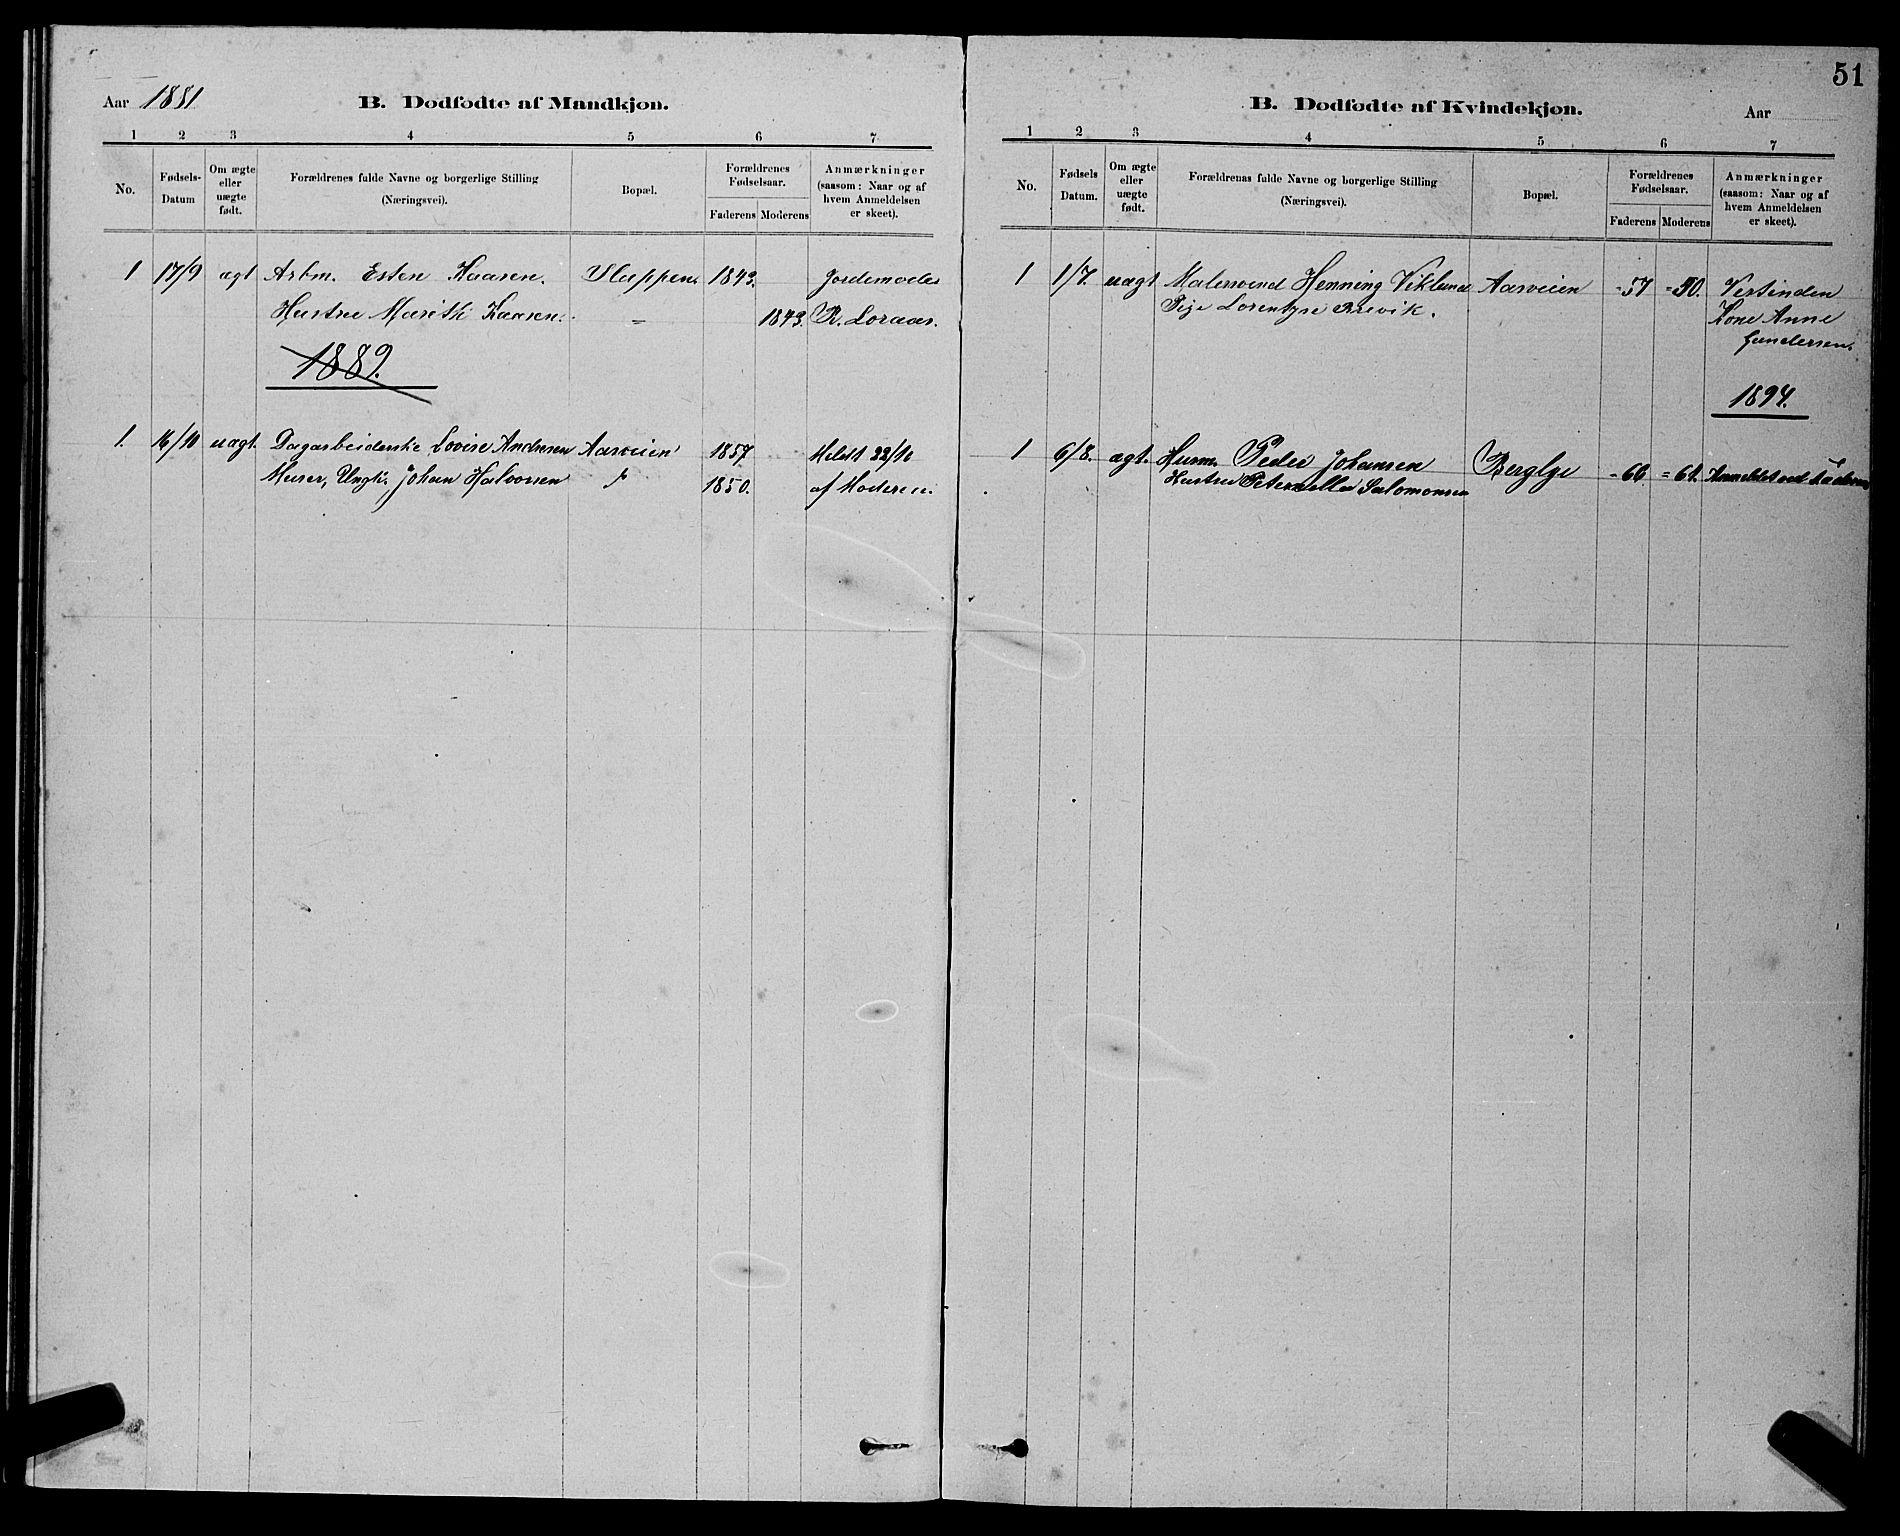 SAT, Ministerialprotokoller, klokkerbøker og fødselsregistre - Sør-Trøndelag, 611/L0354: Klokkerbok nr. 611C02, 1881-1896, s. 51